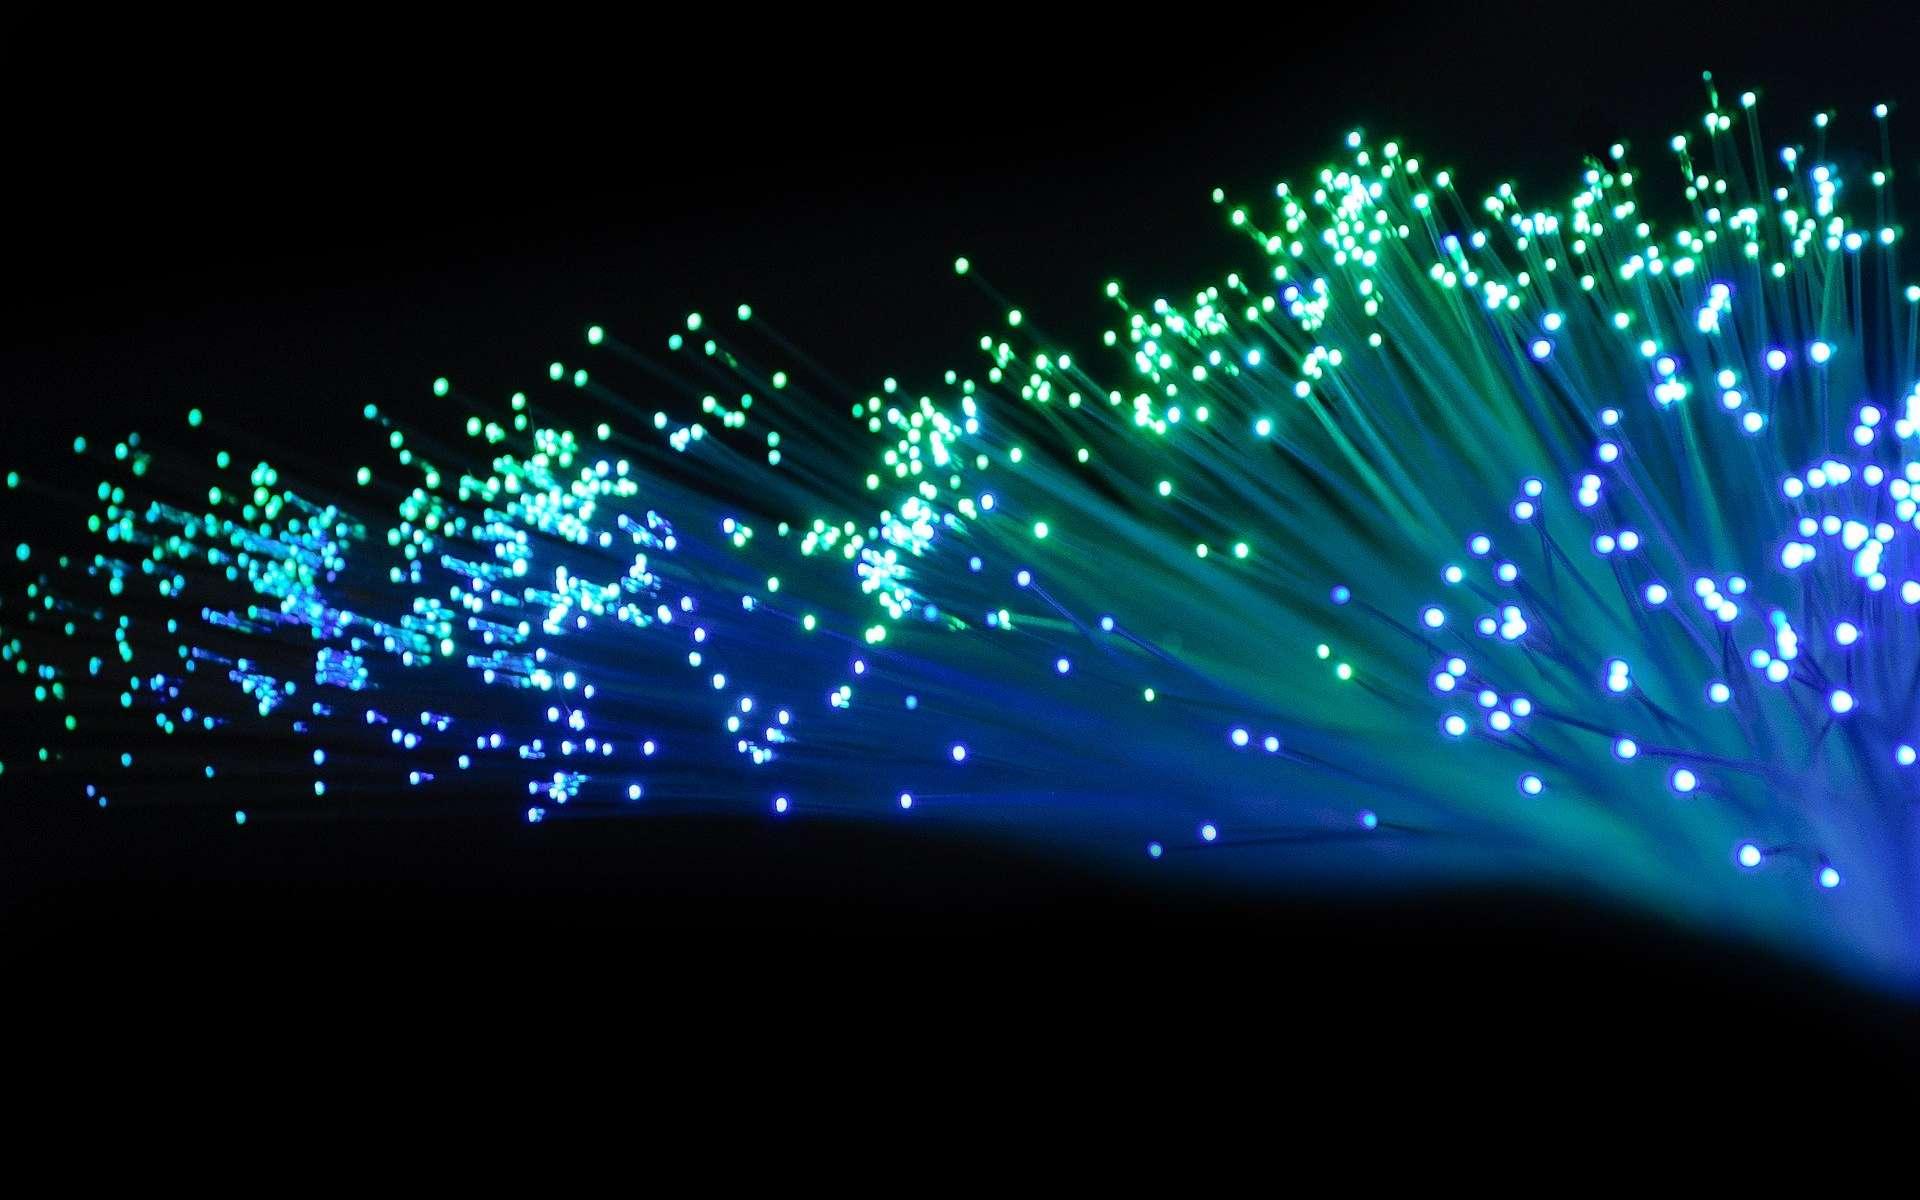 Nokia et Vodafone explosent le record de vitesse haut débit - Futura